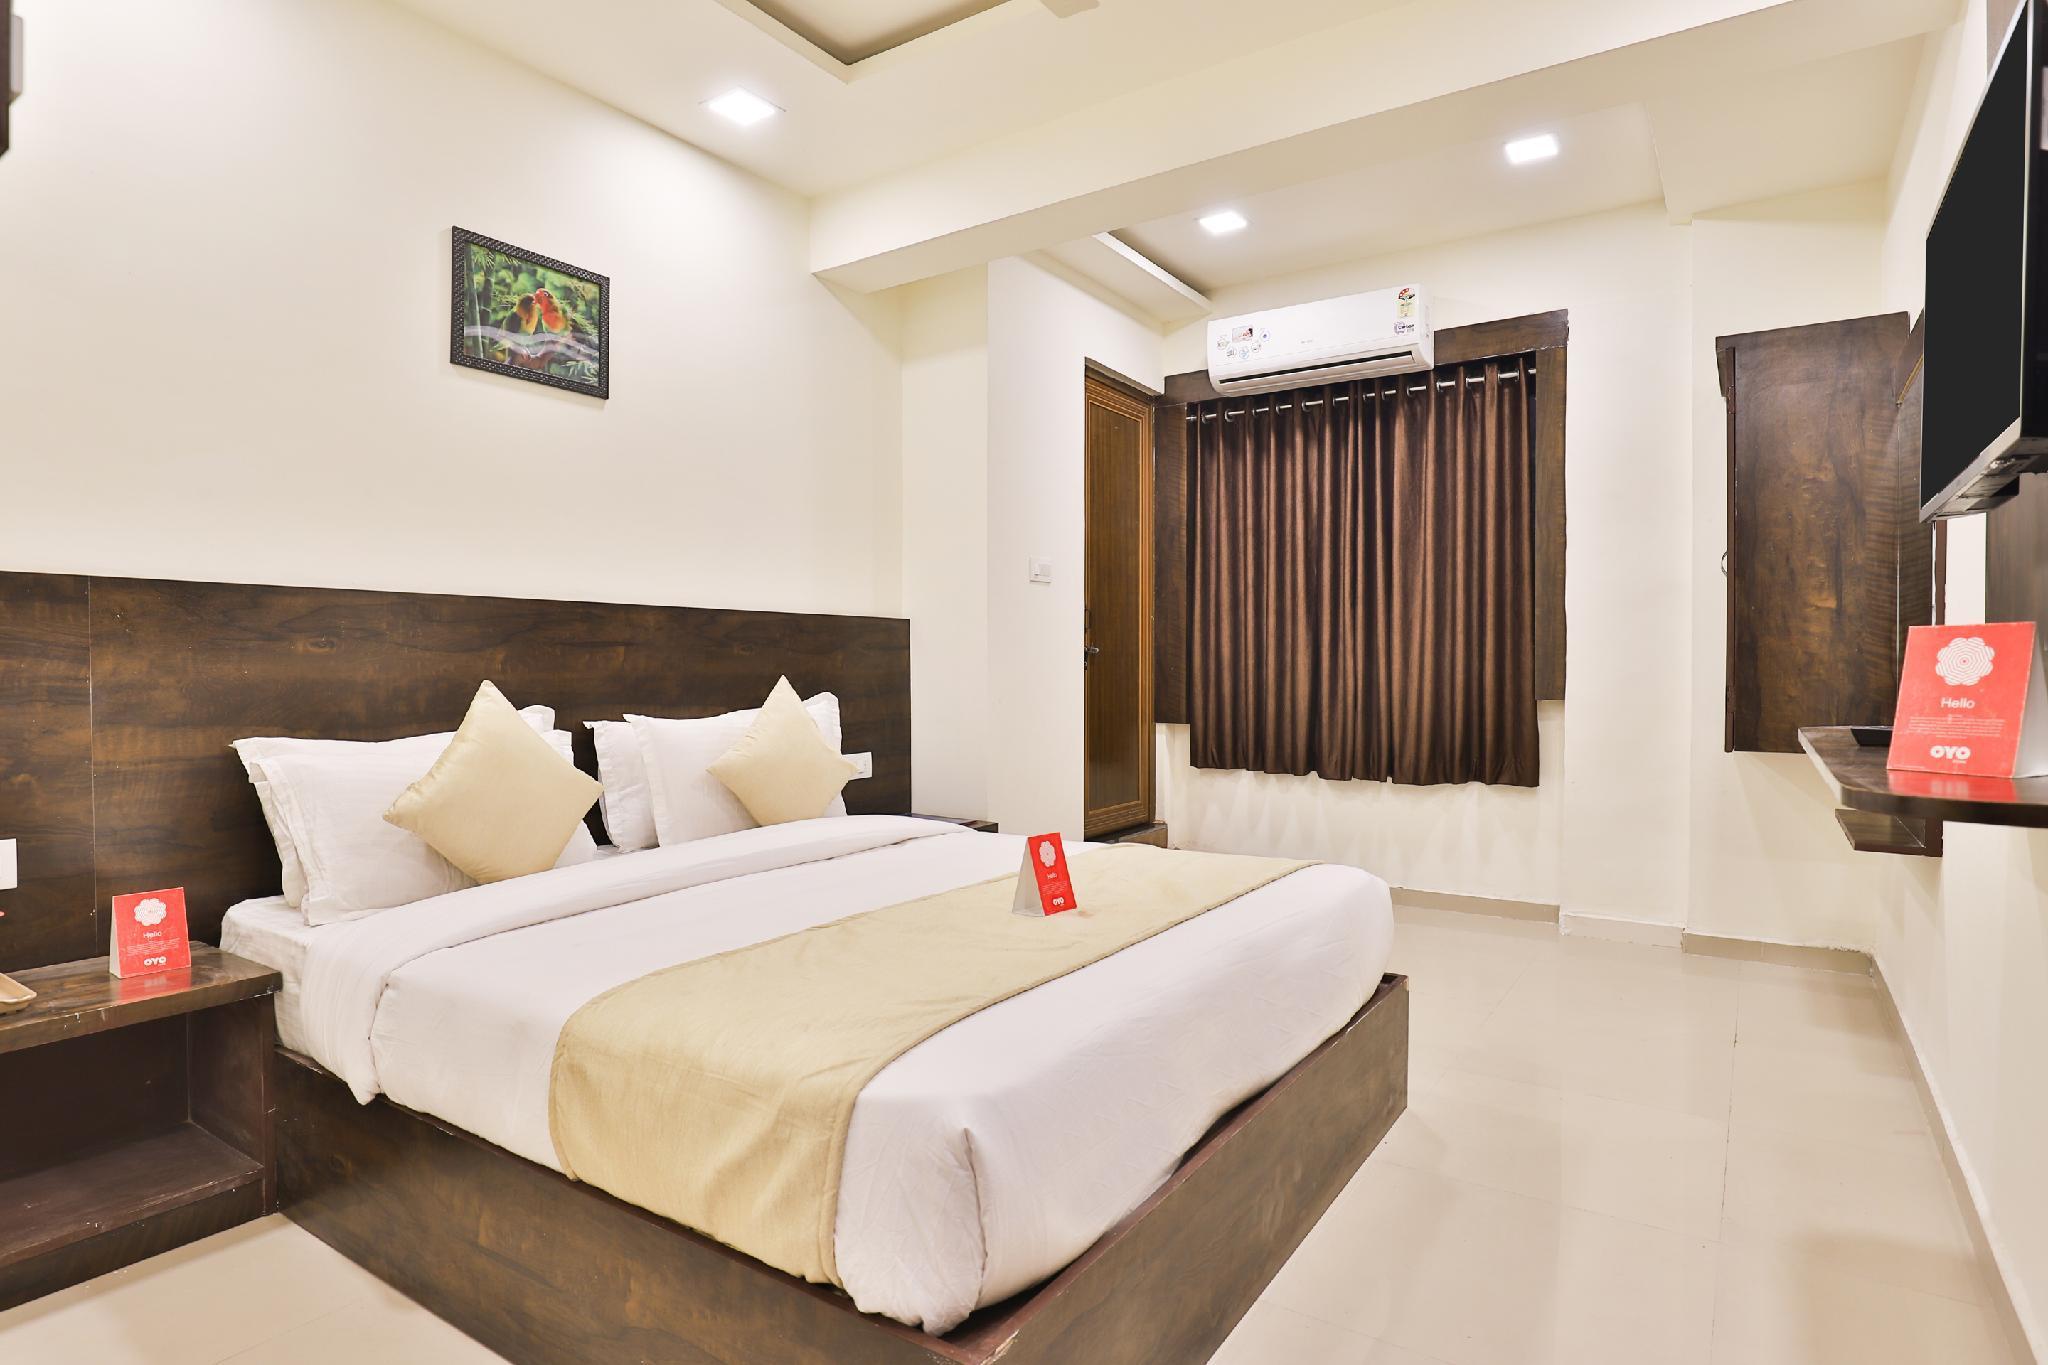 OYO 11072 Hotel Kajri Residency, Gandhinagar